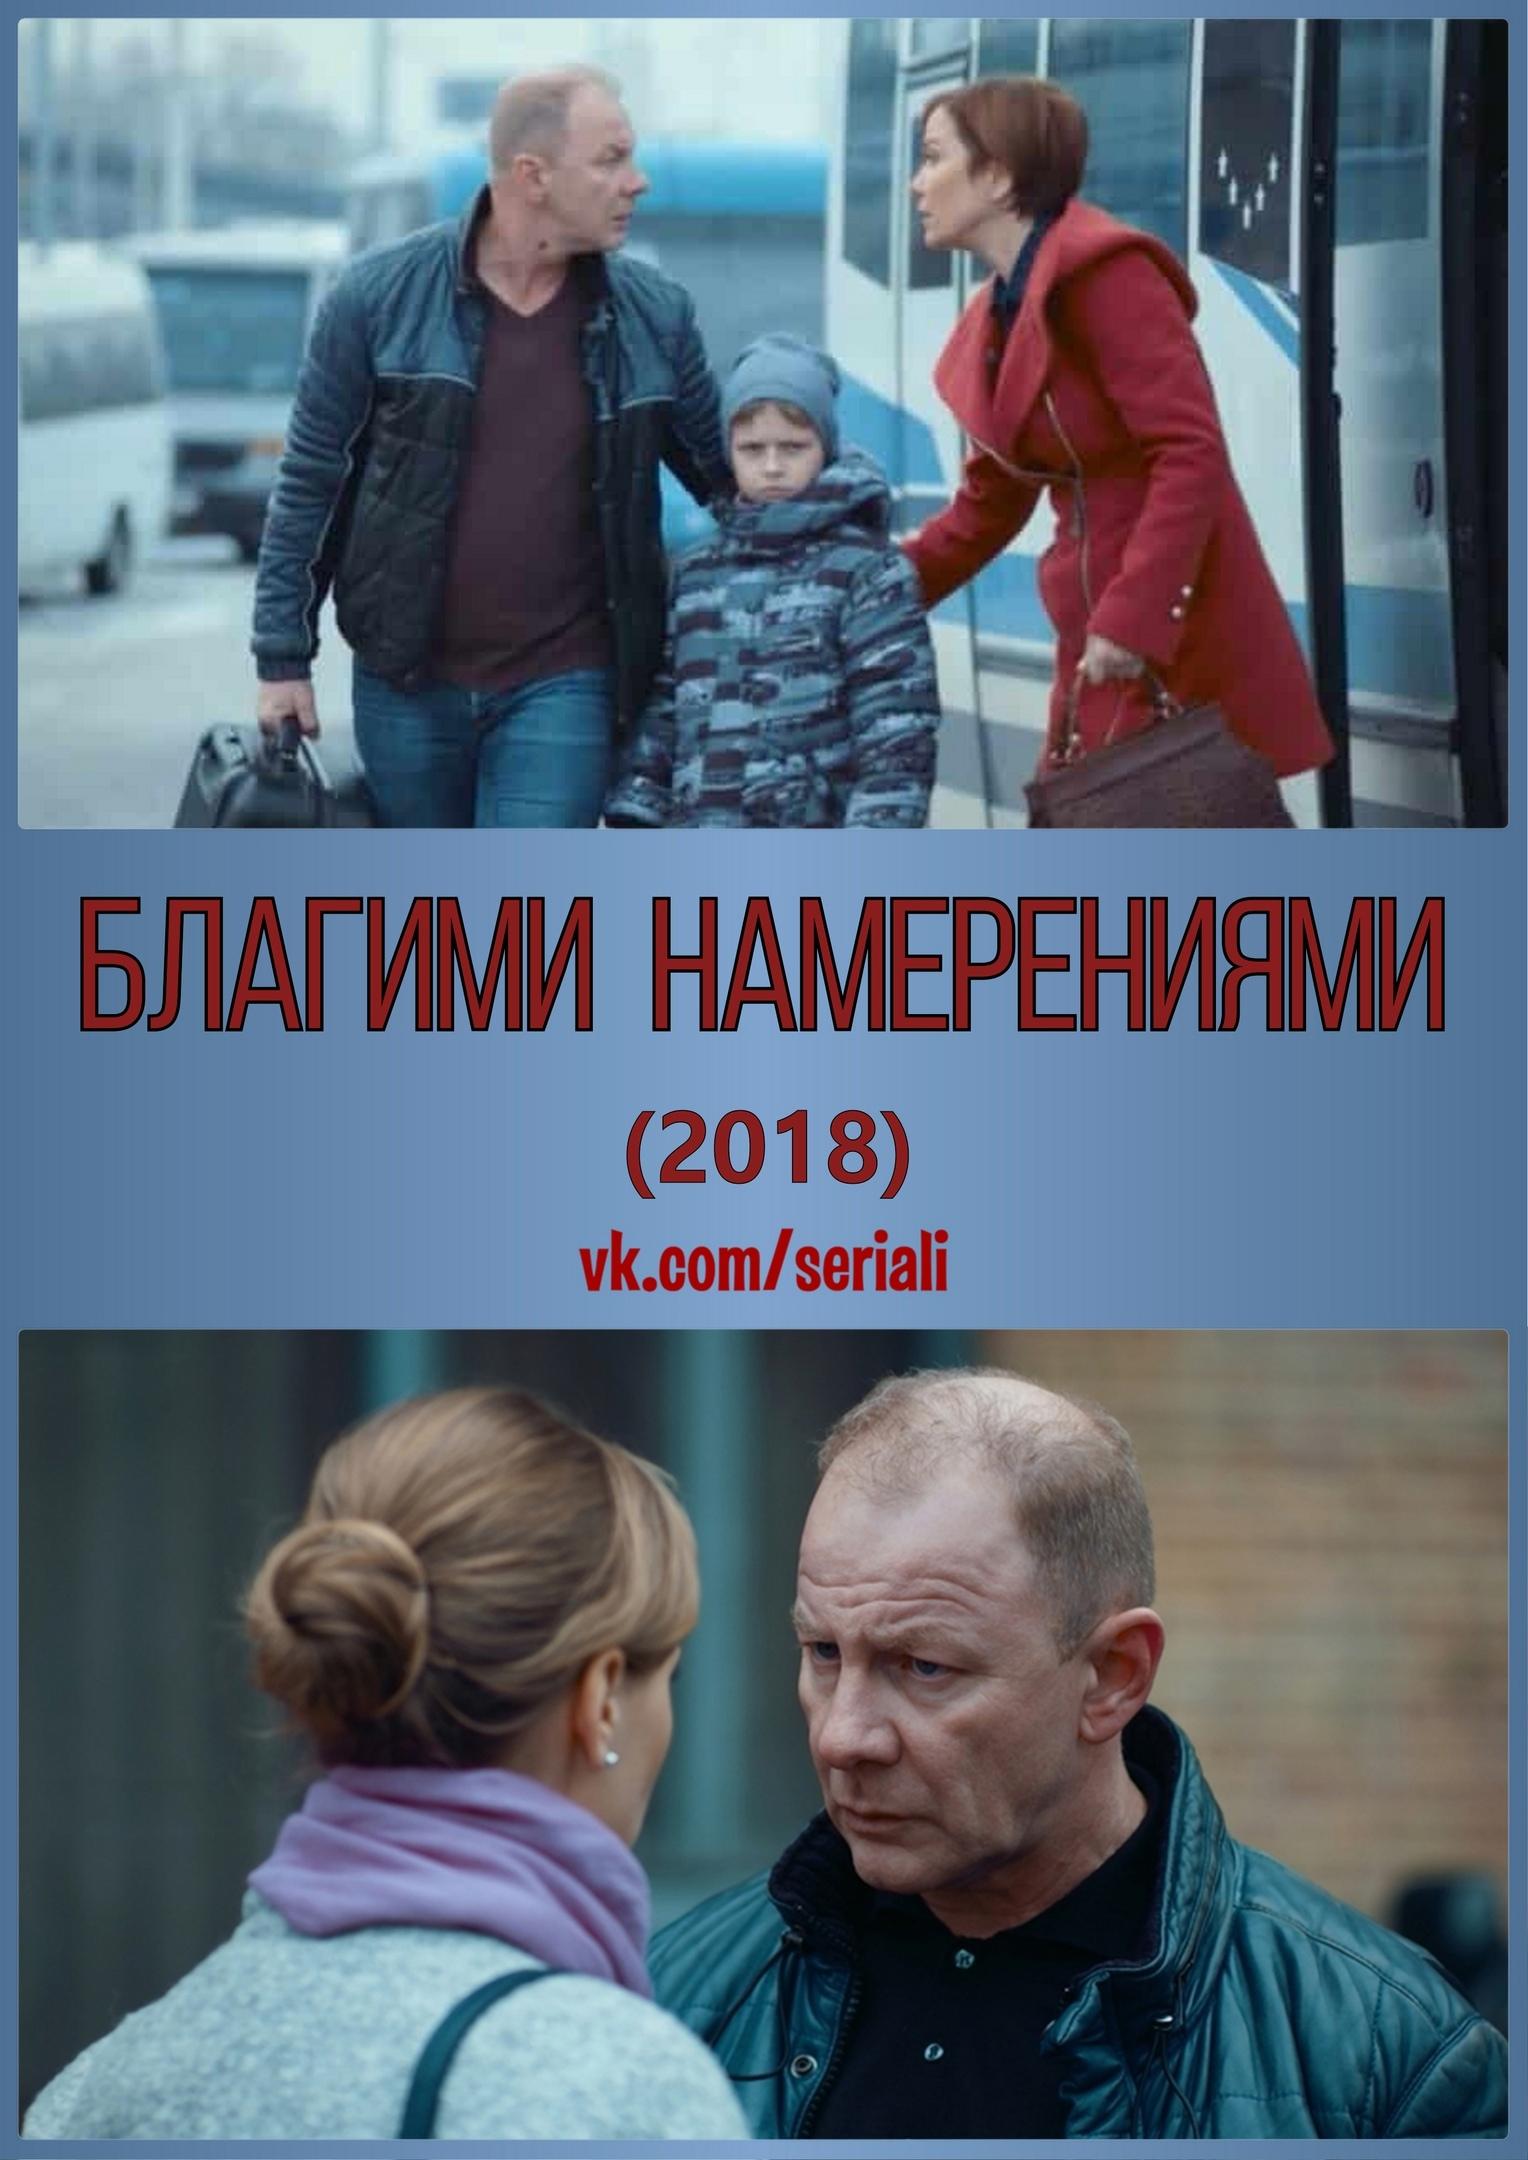 Криминальная мелодрама «Блaгими нaмepeниями» (2018) 1-4 серия из 4 HD